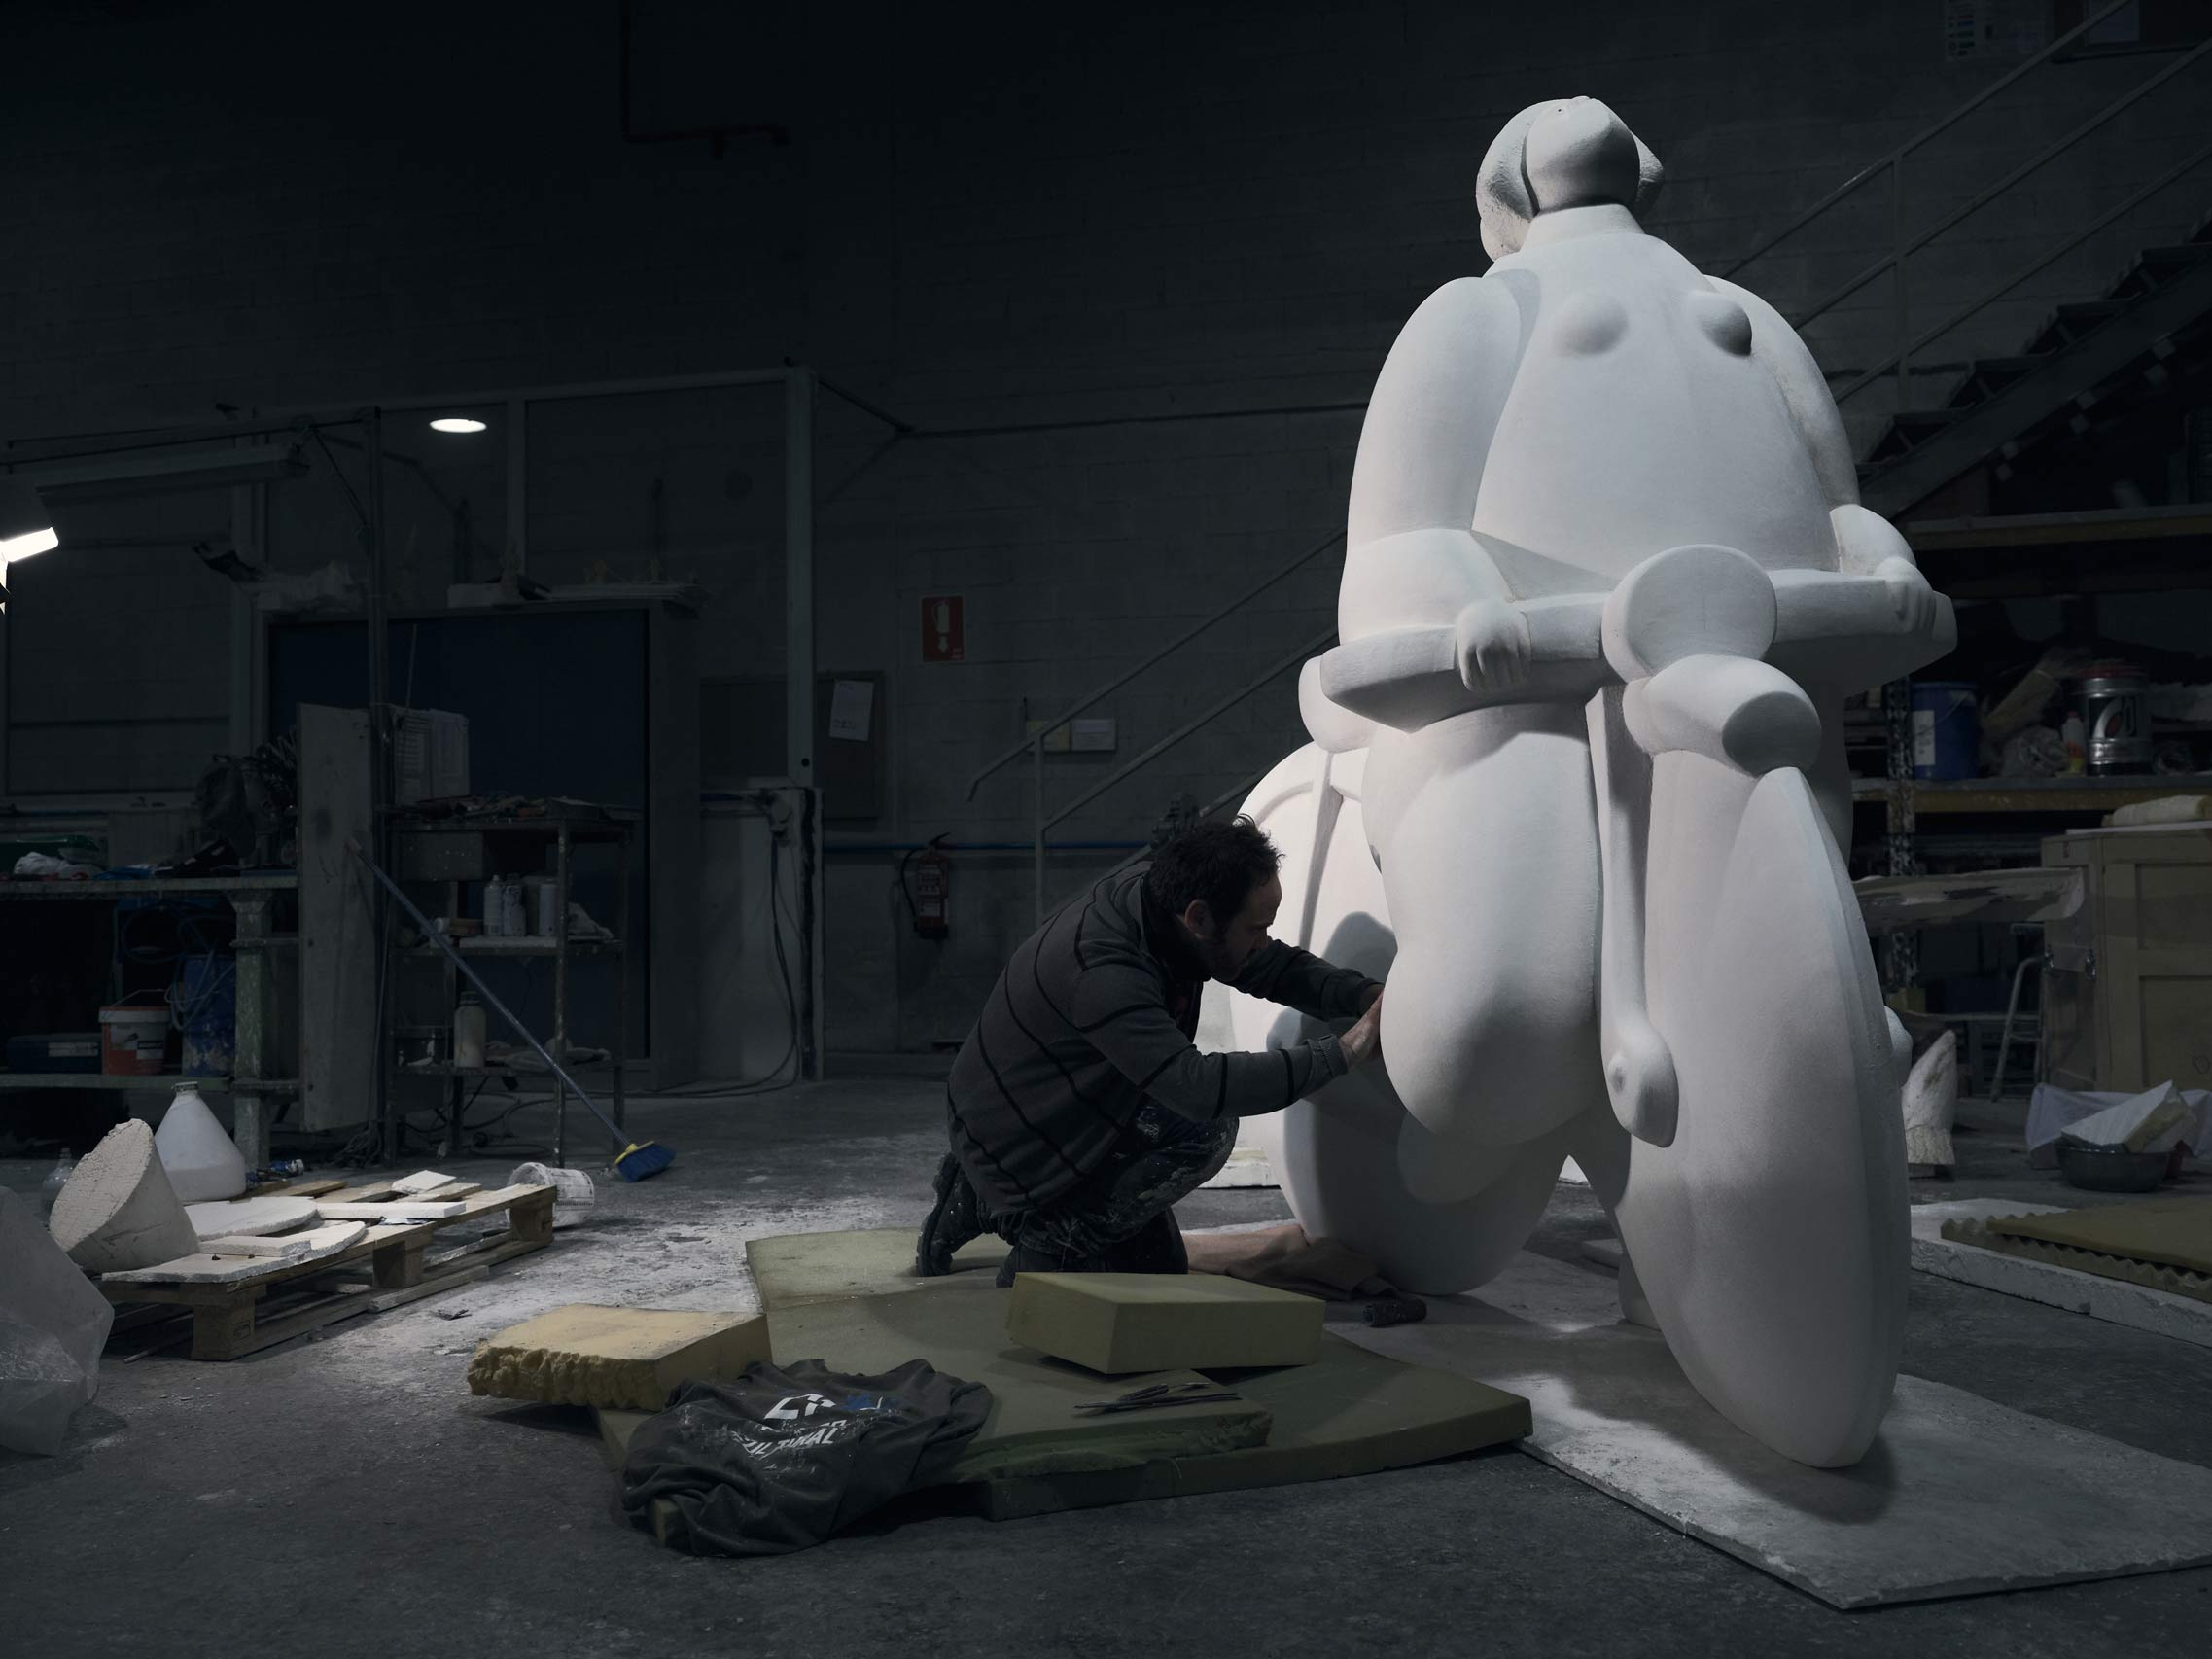 Trabajador de Alfa Arte retoca el modelo ampliado a partir de la escultura original  Menina C/ Bicicleta del escultor João Duarte para la ciudad de Setúbal en Portugal